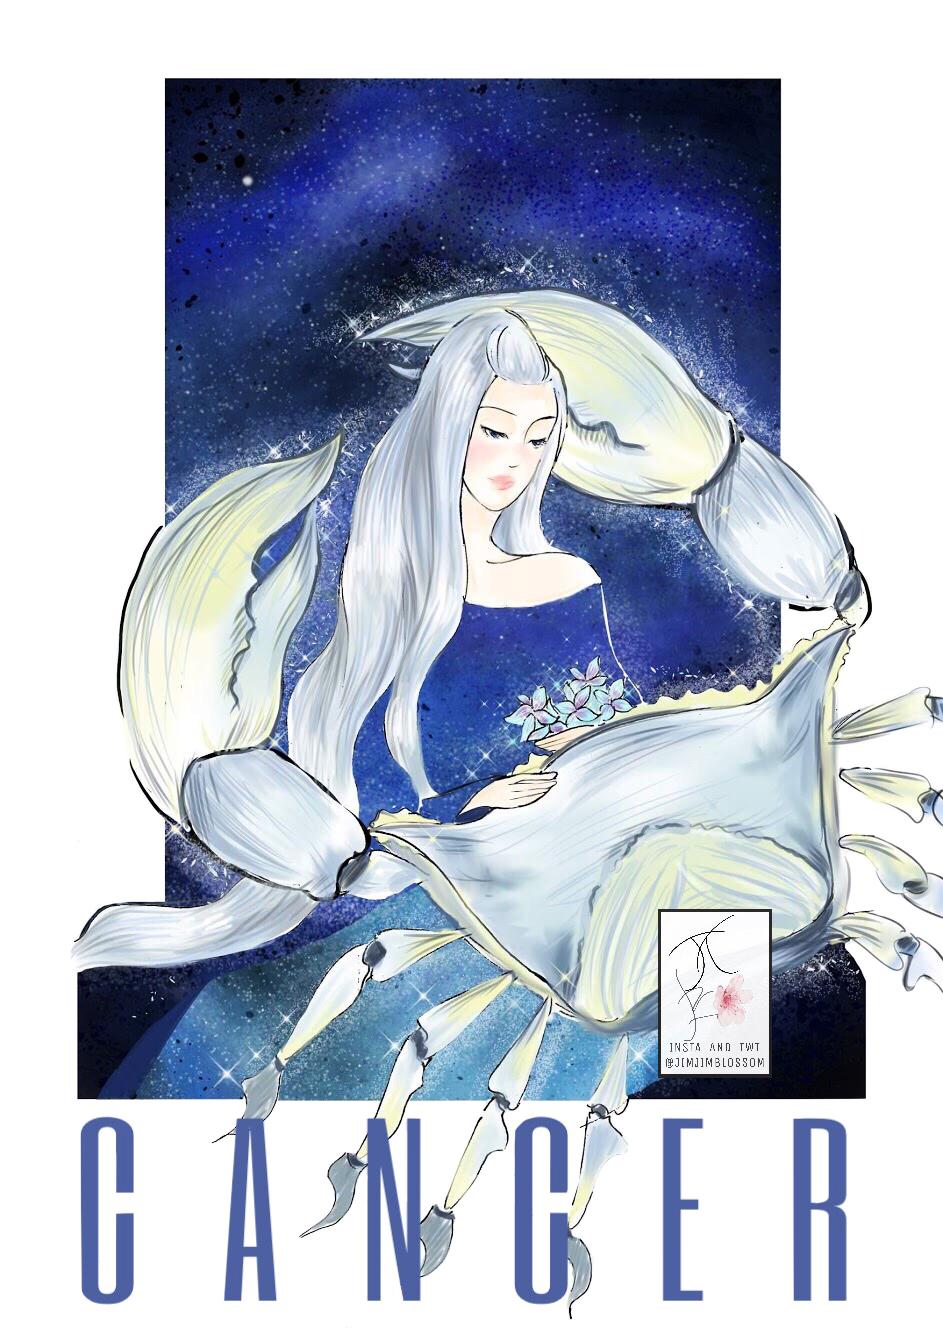 cô gái tóc ánh kim và con cua khổng lồ - cung hoàng đạo cự giải